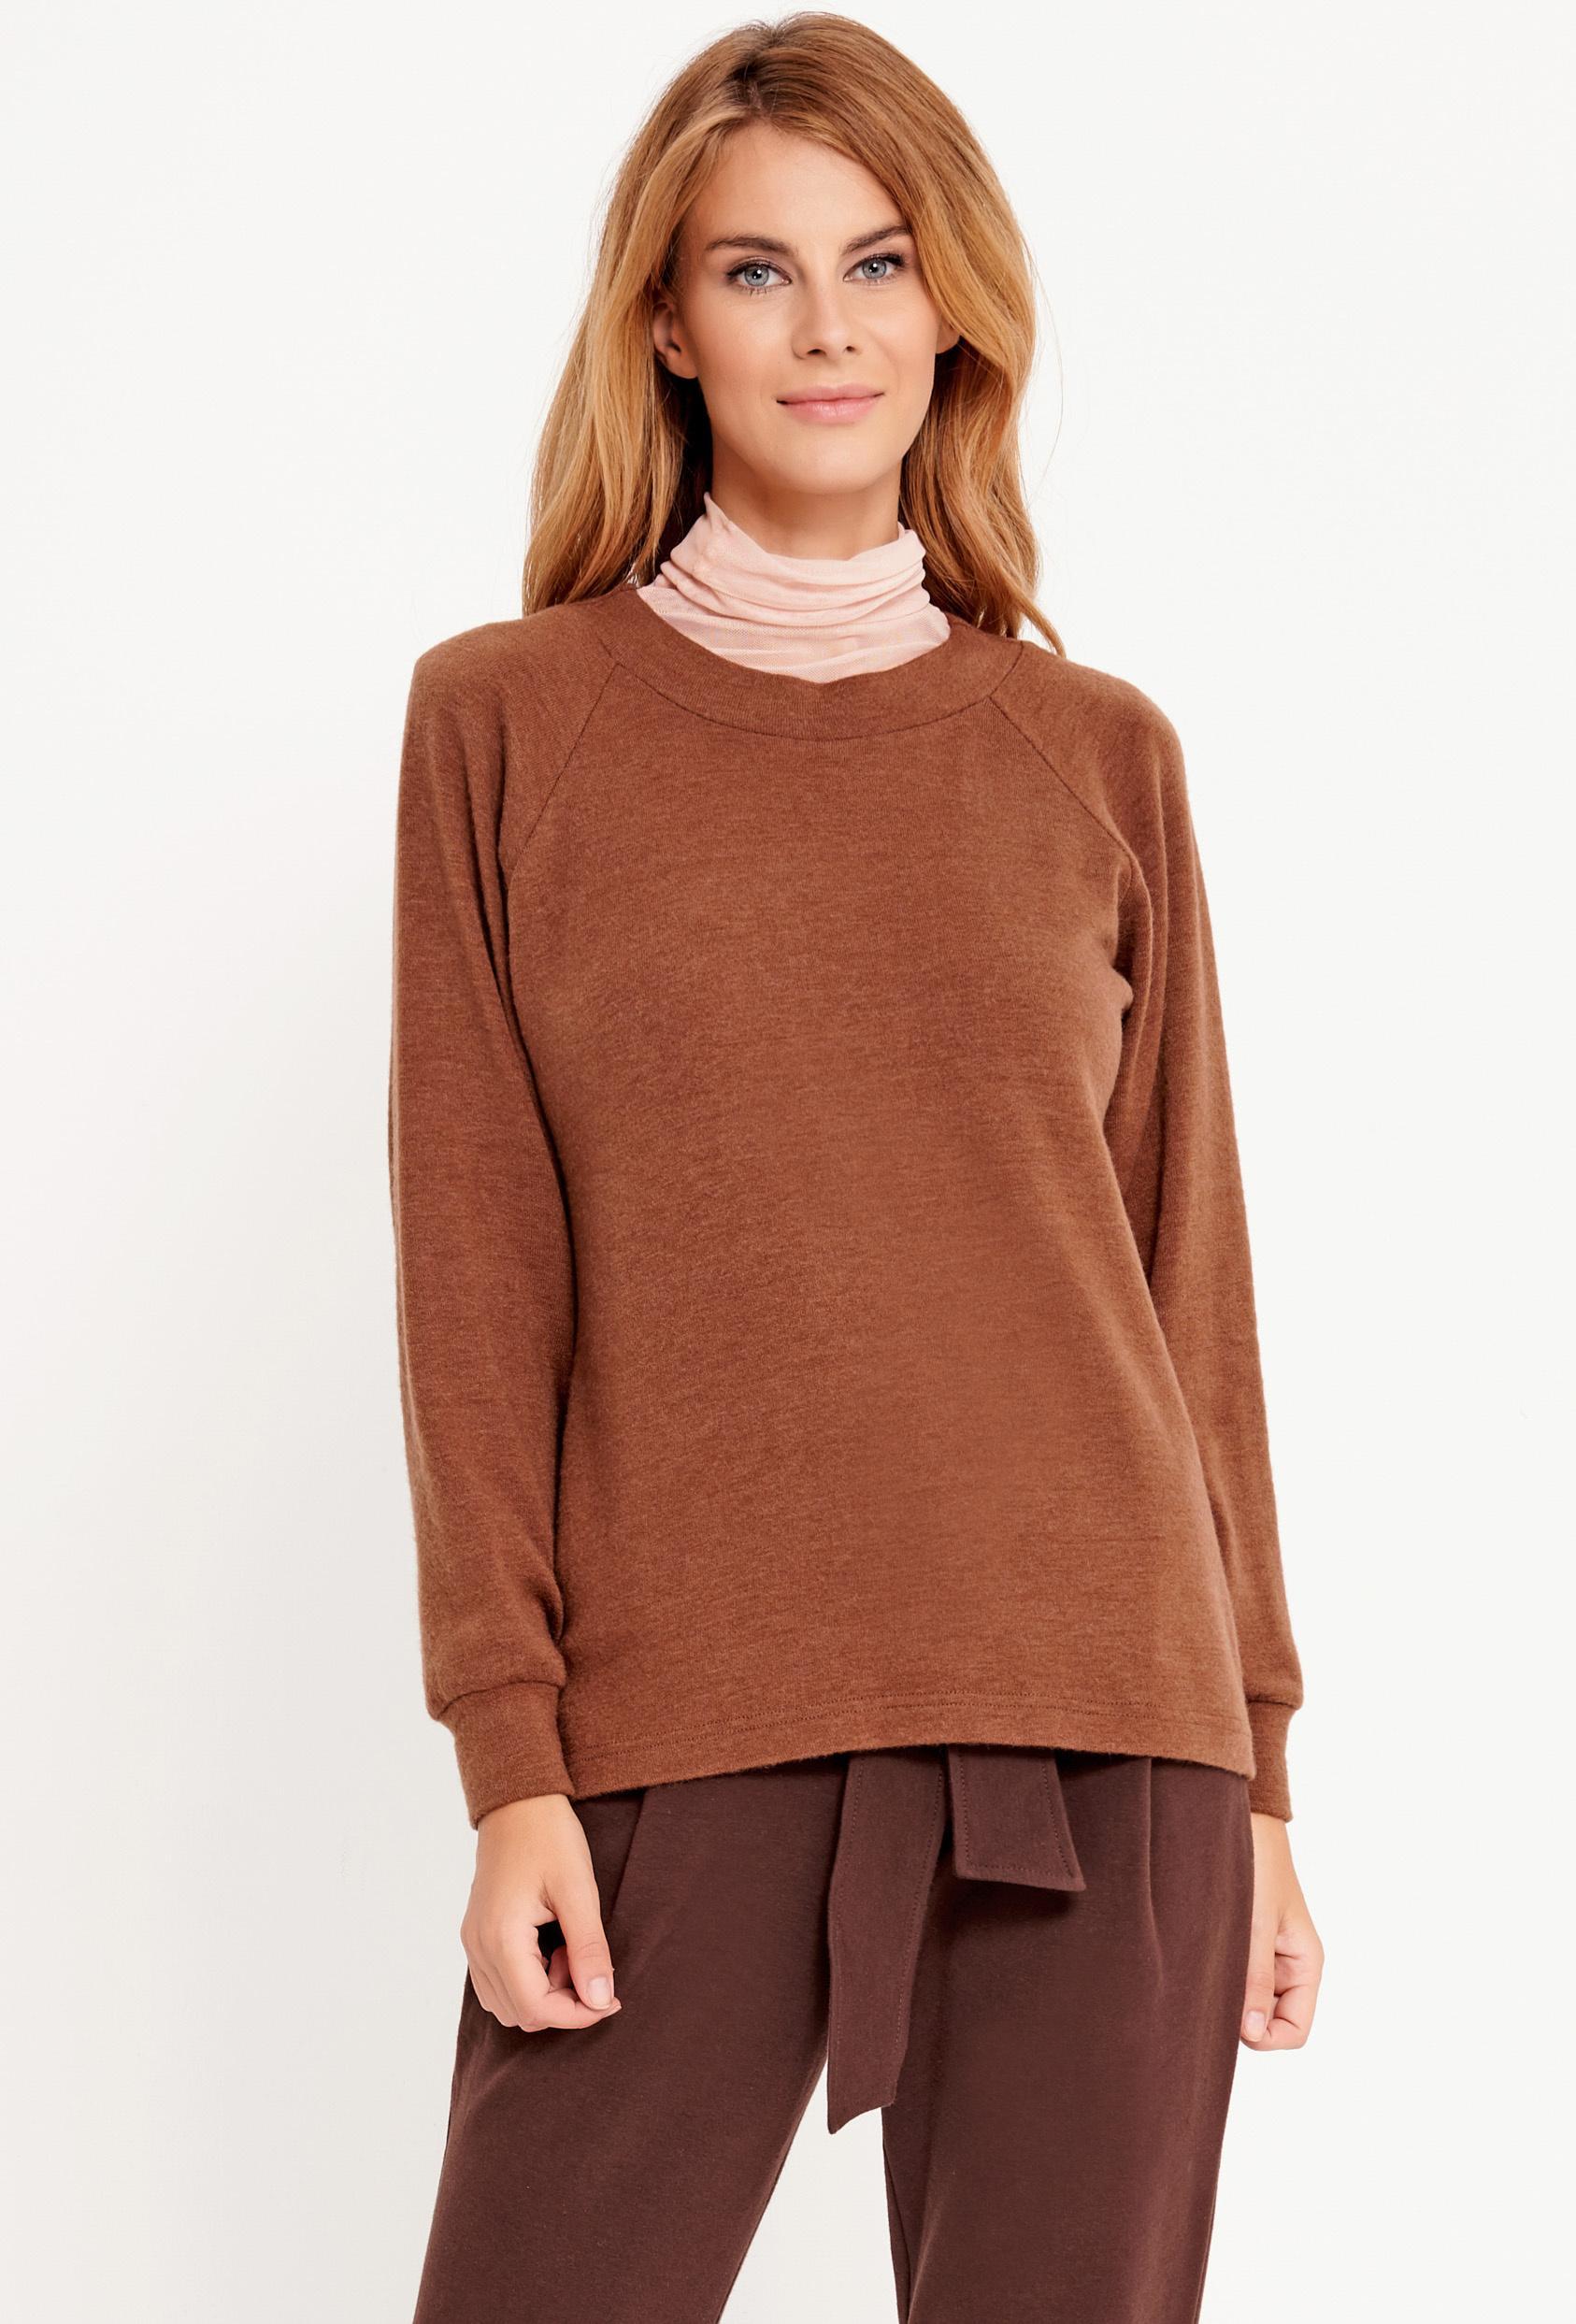 Sweter klasyczny SASHA SWEATER LTD brązowy_1